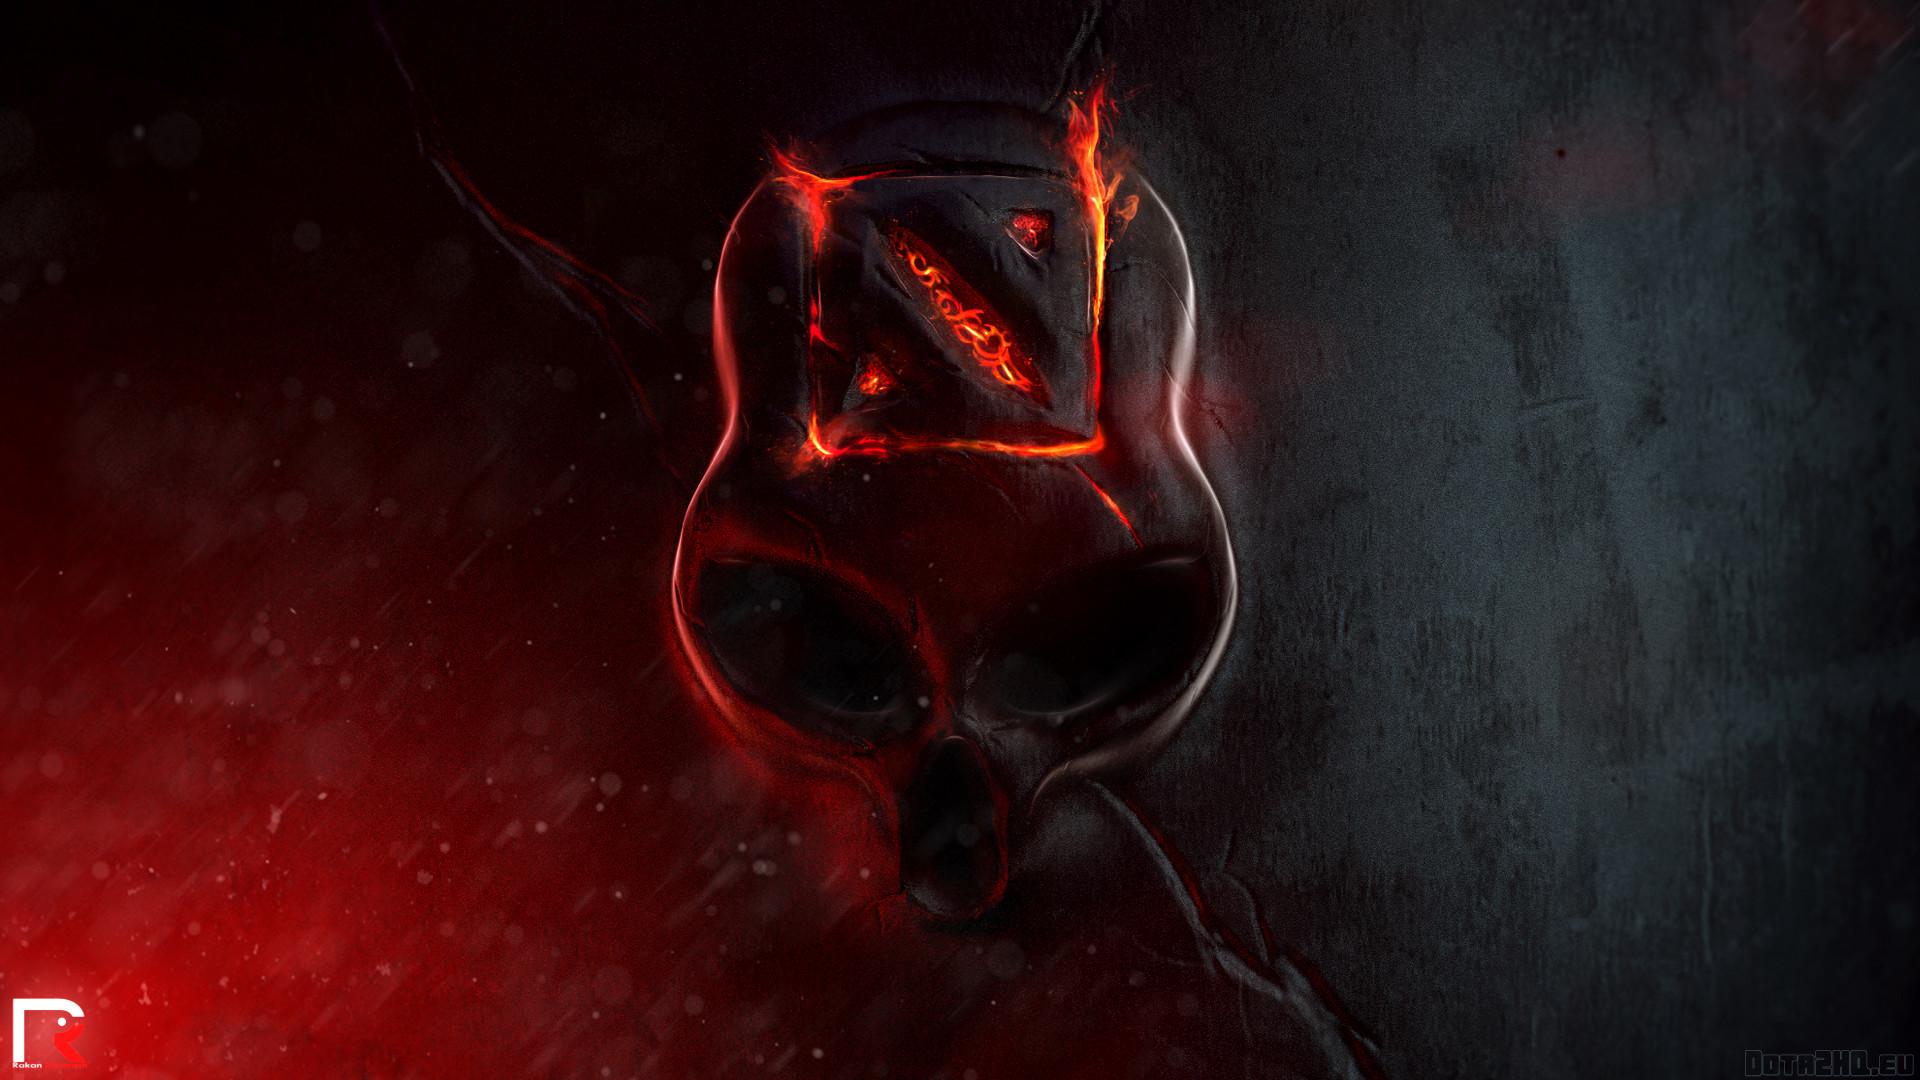 … Background Full HD 1080p. Wallpaper dota 2, skull, fire, logo